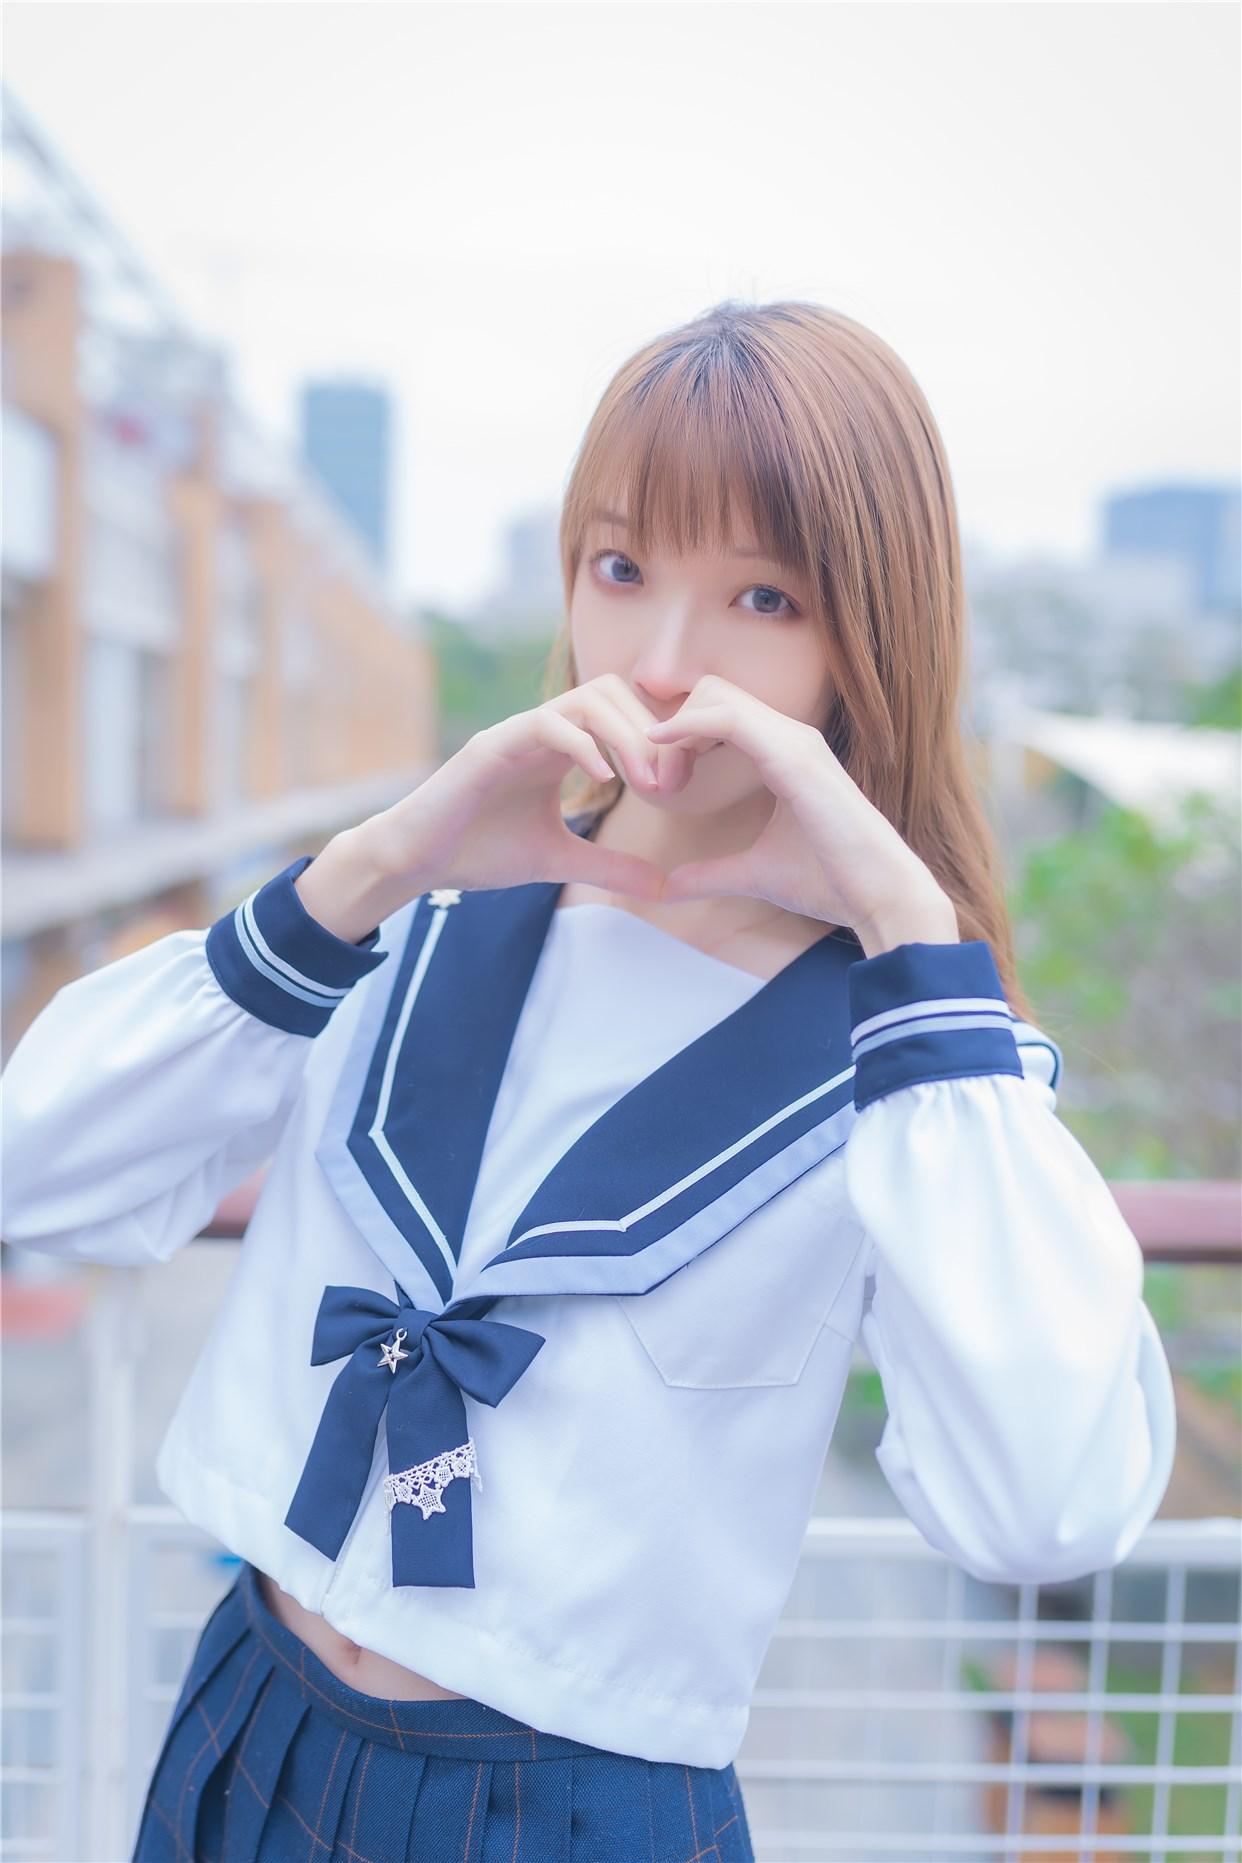 【兔玩映画】小清新JK少女 兔玩映画 第29张